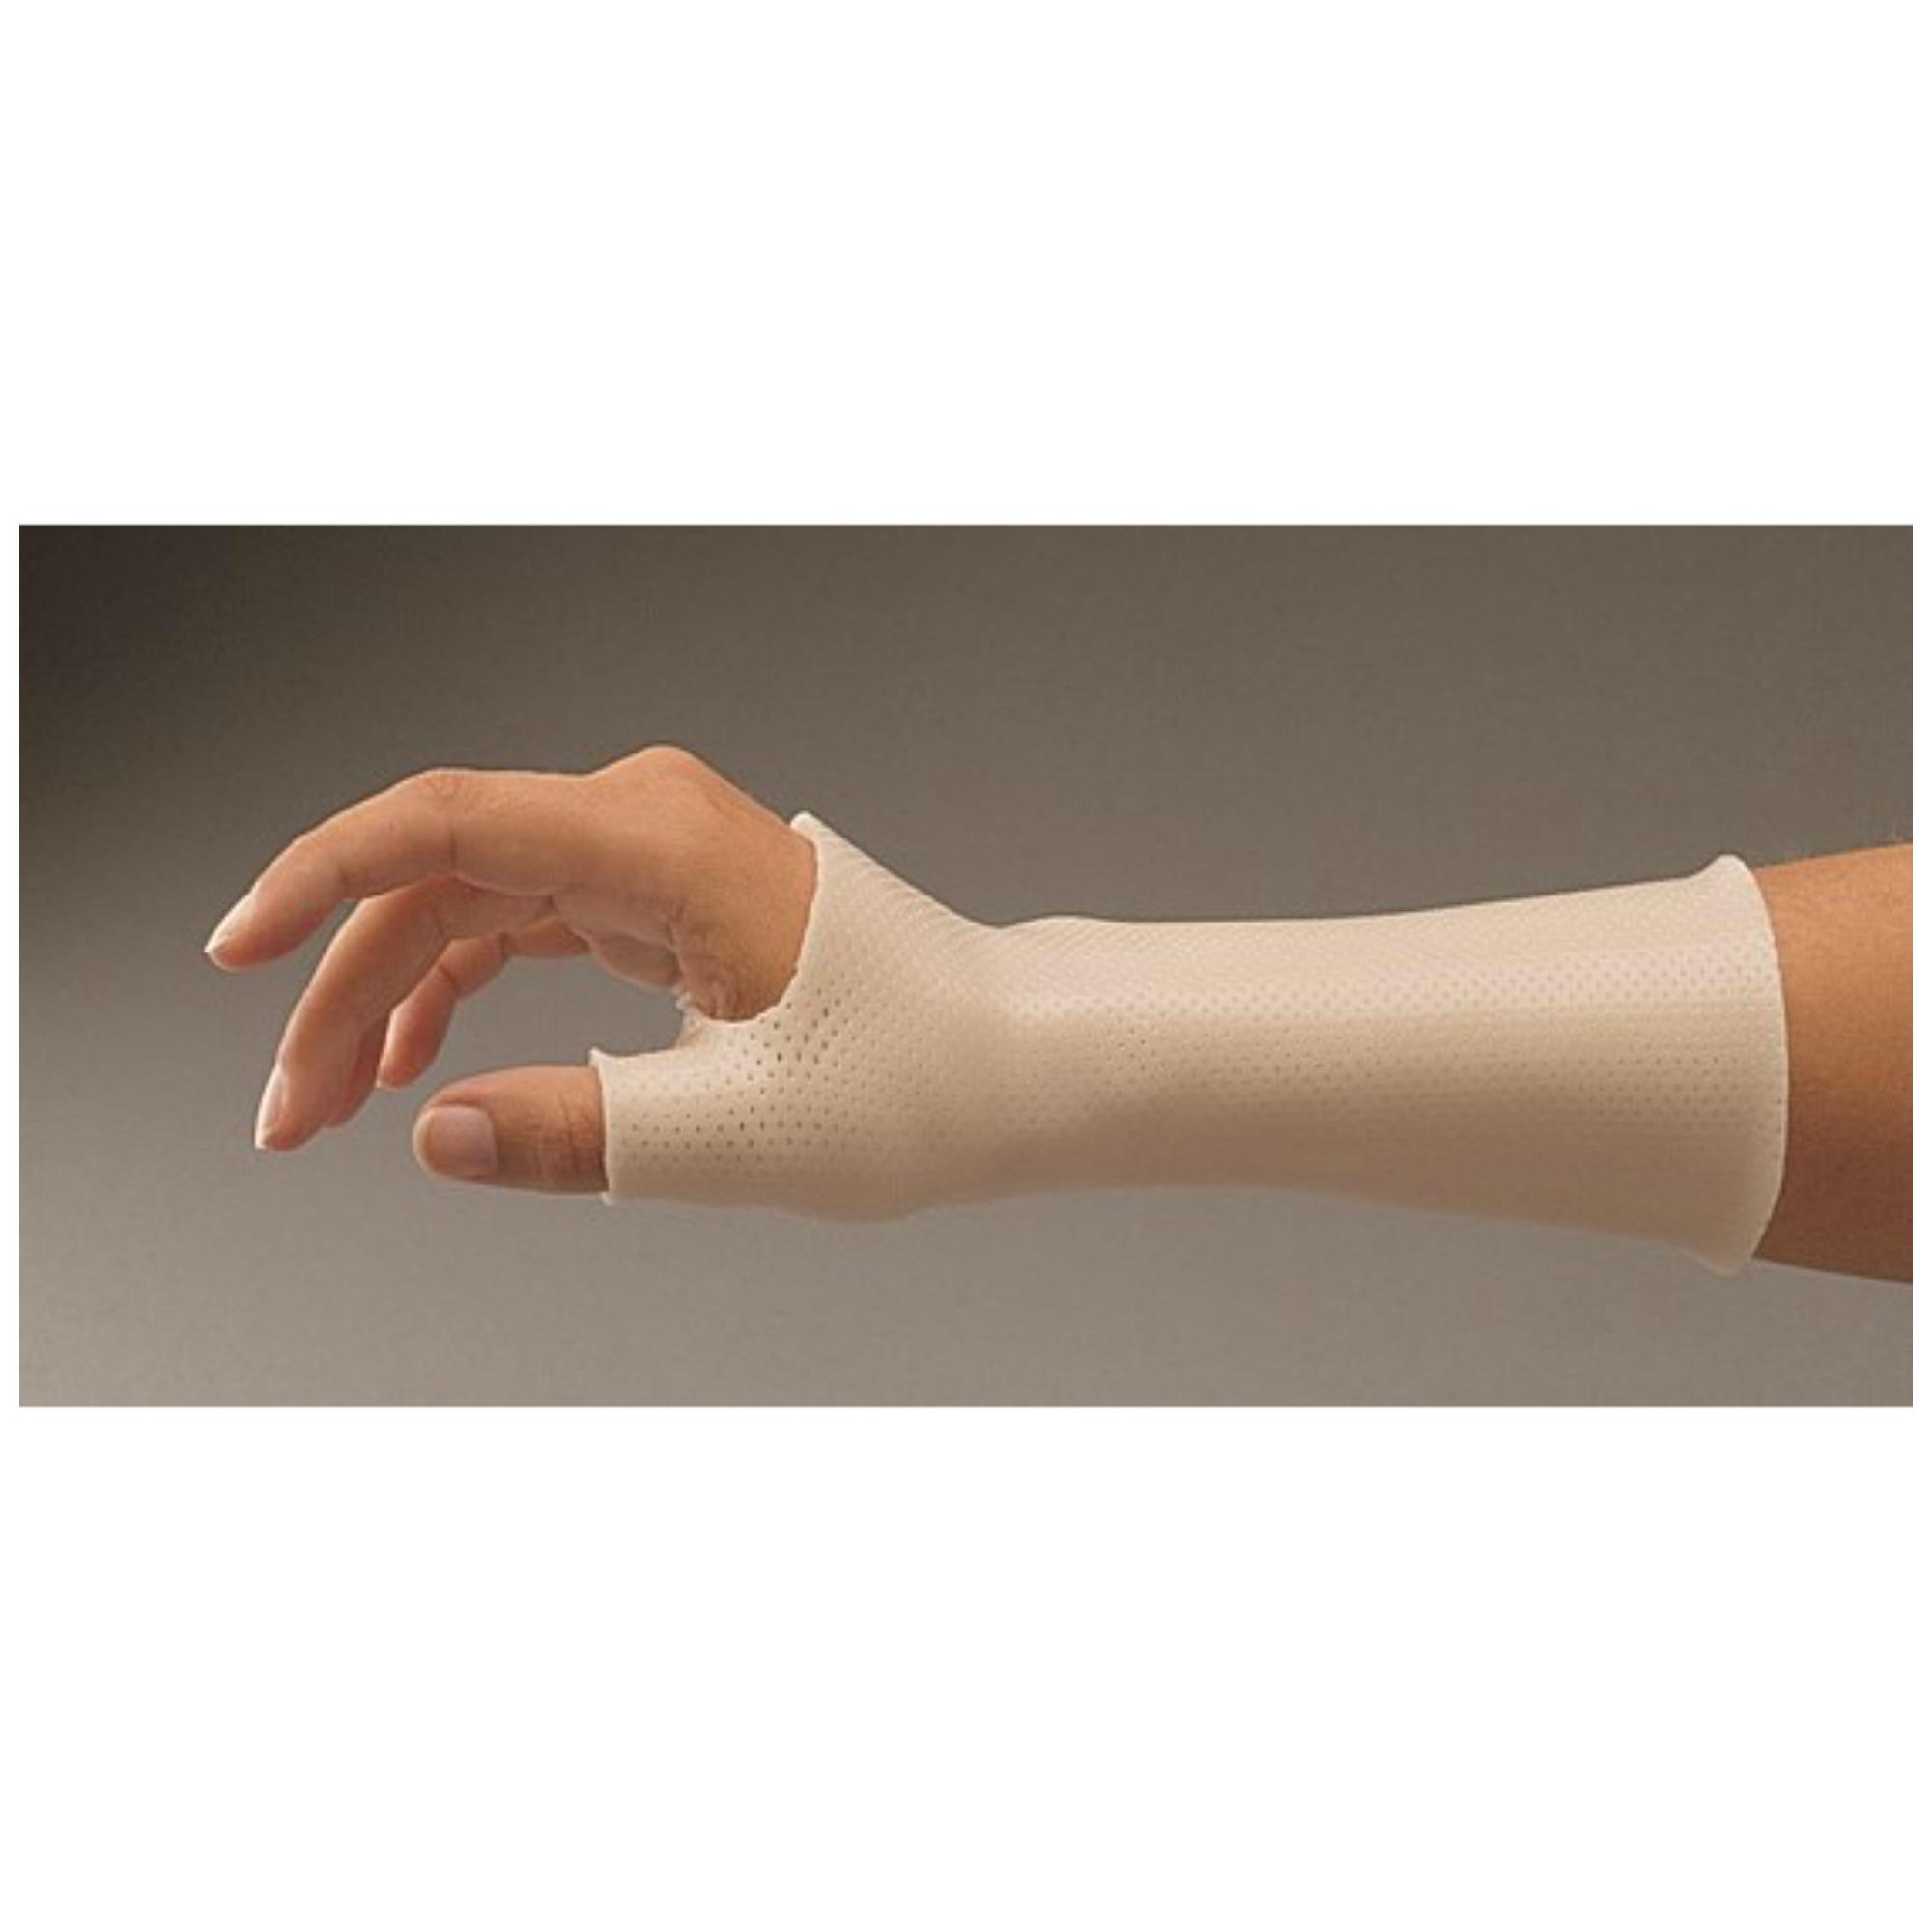 hüvelykujj. lábfájdalom ízület térd szalagok és ízületek helyreállítása